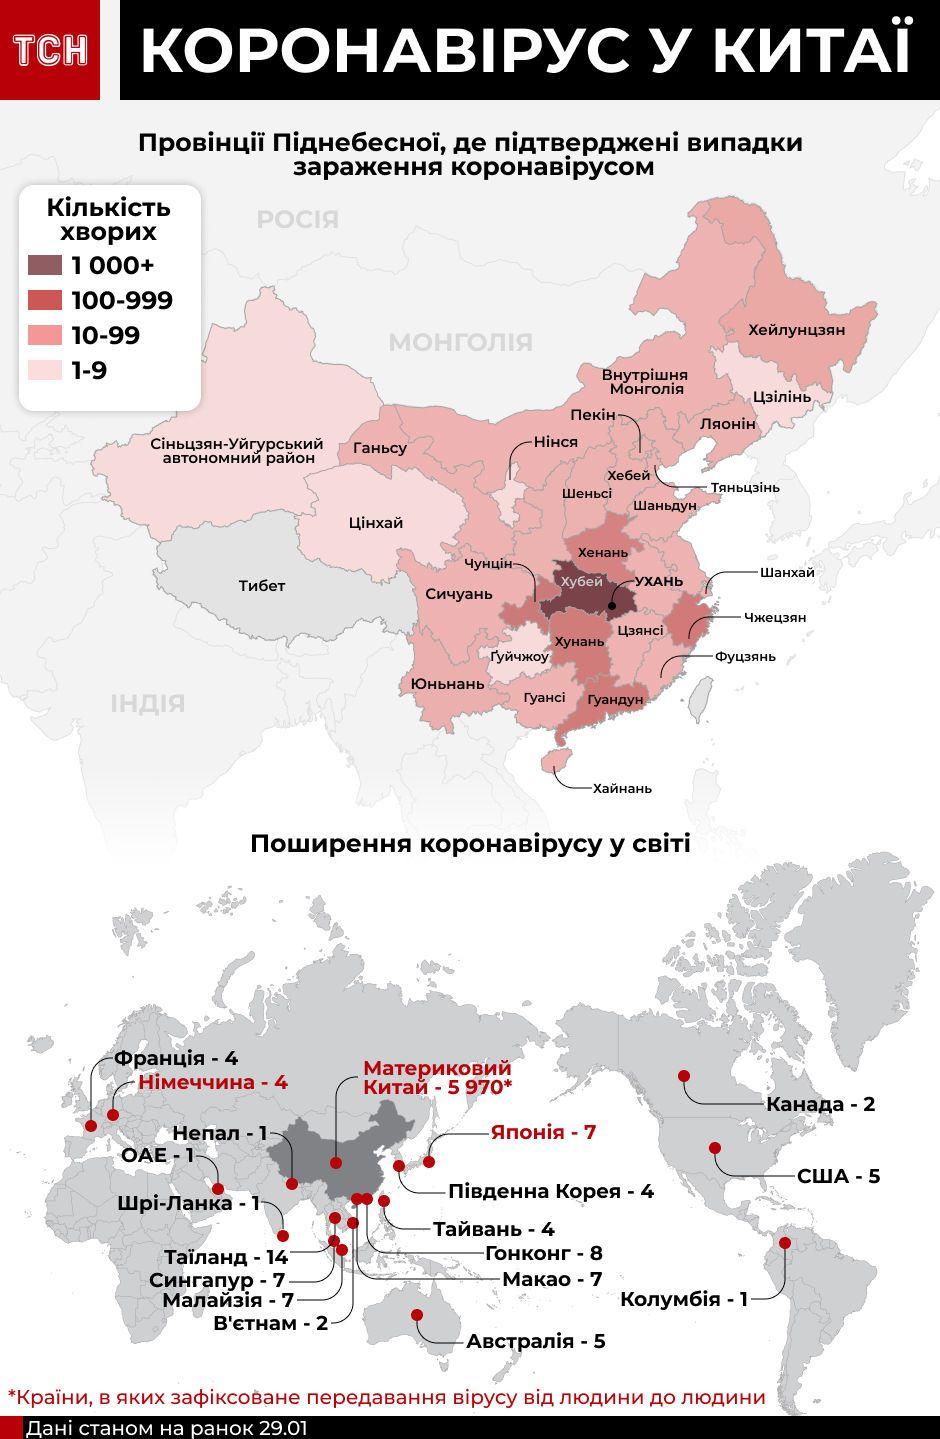 Поширення в світі китайського коронавірусу, інфографіка 29 січня